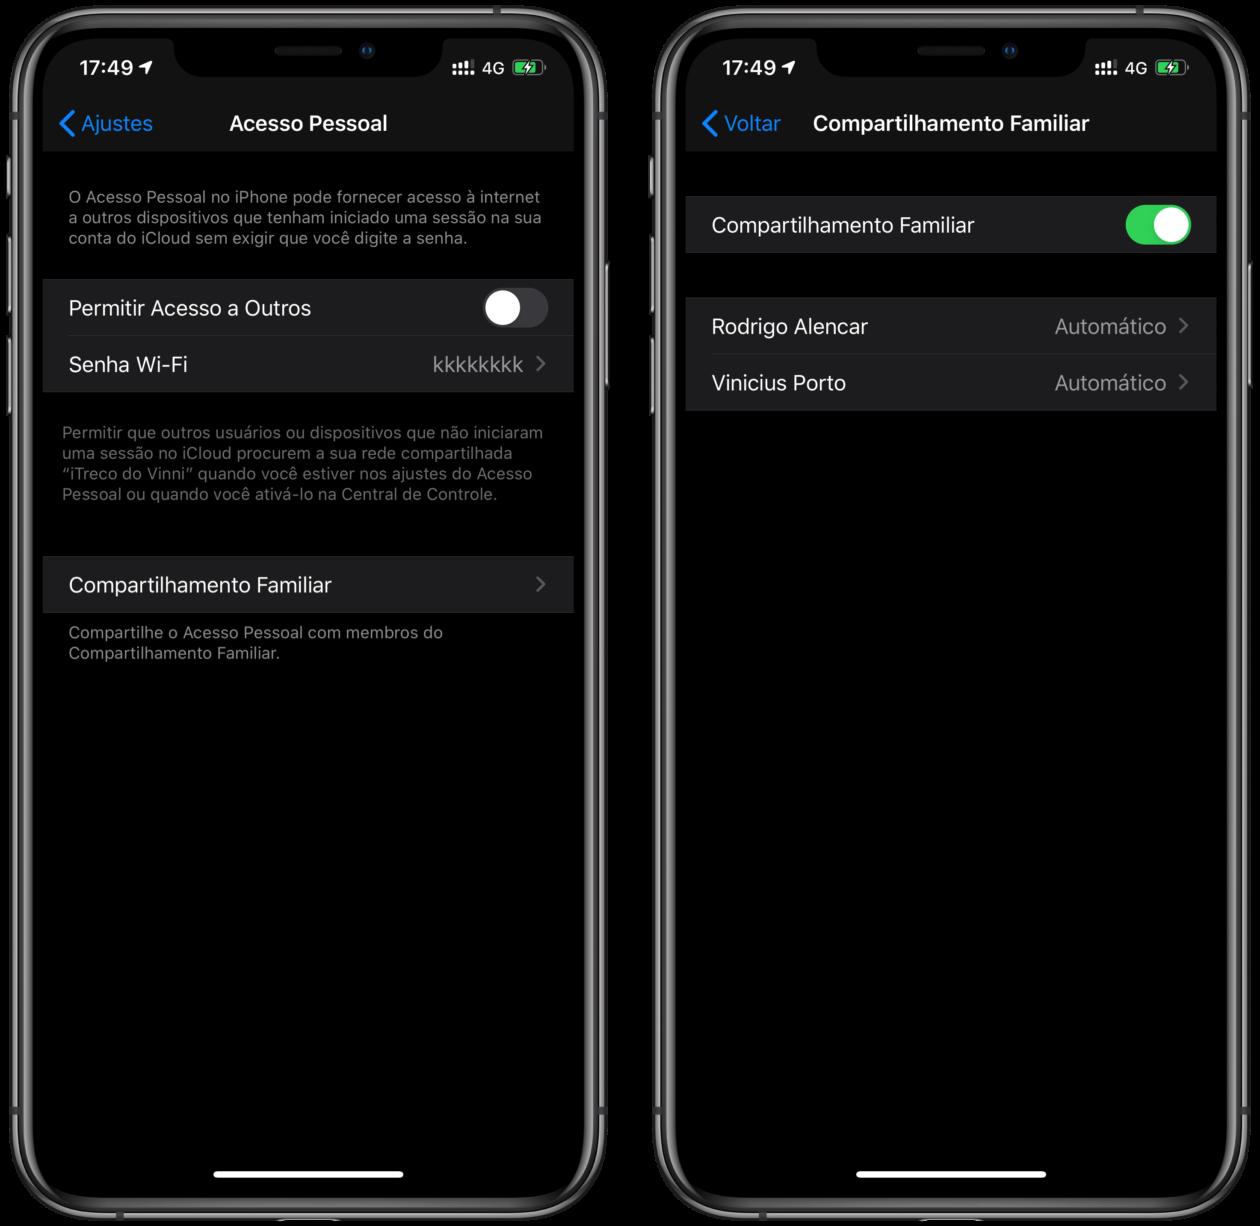 Acesso Pessoal no iOS 13.1